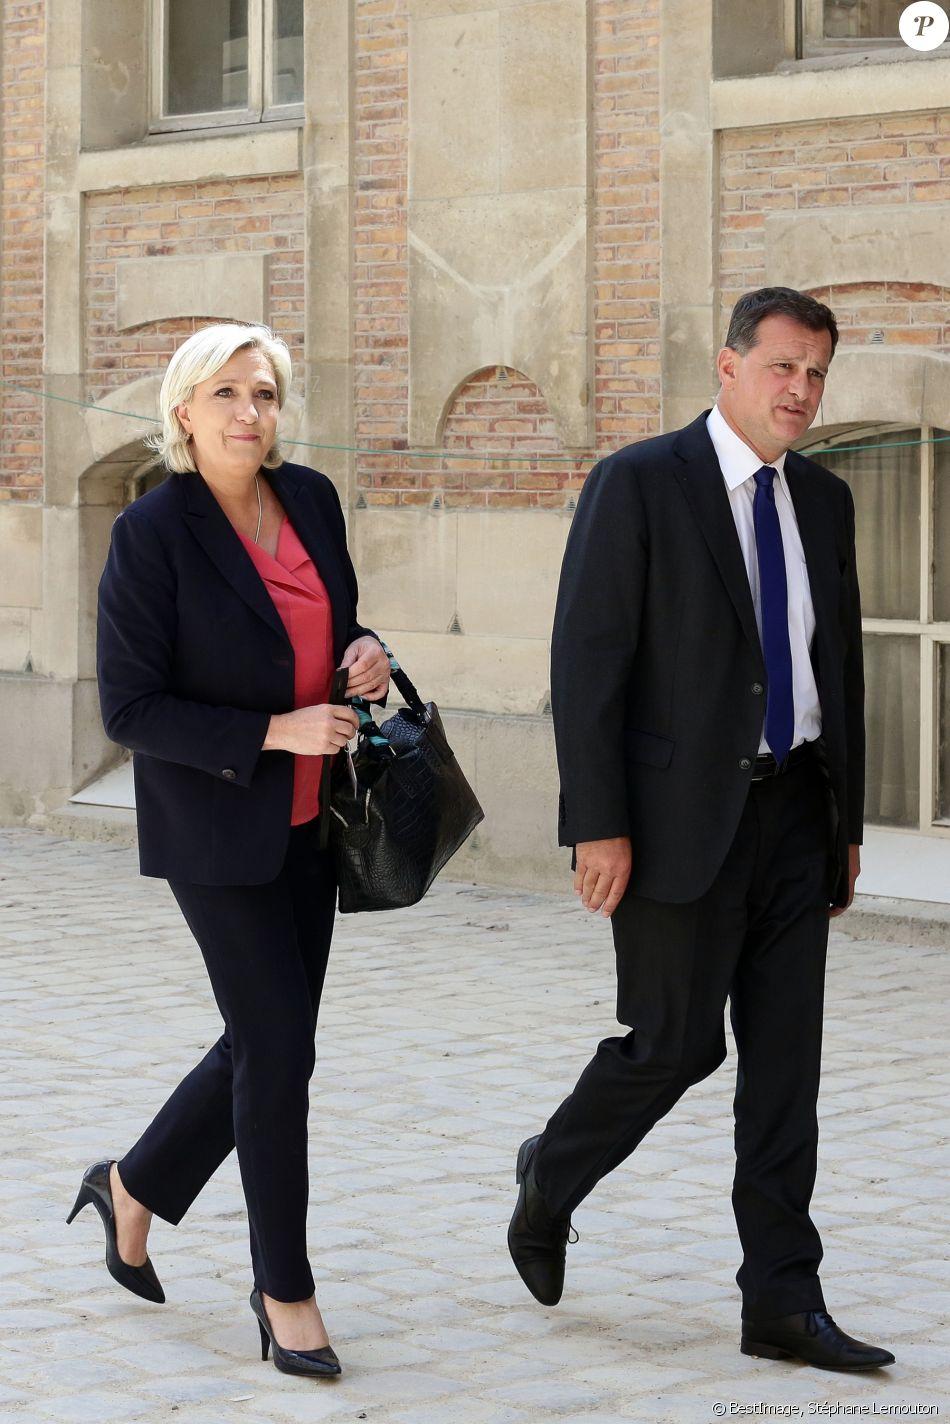 Marine Le Pen et son compagnon Louis Aliot - Députés et sénateurs arrivant lors de la réunion du Parlement en Congrès au château de Versailles, le 3 juillet 2017. © Stéphane Lemouton/Bestimage